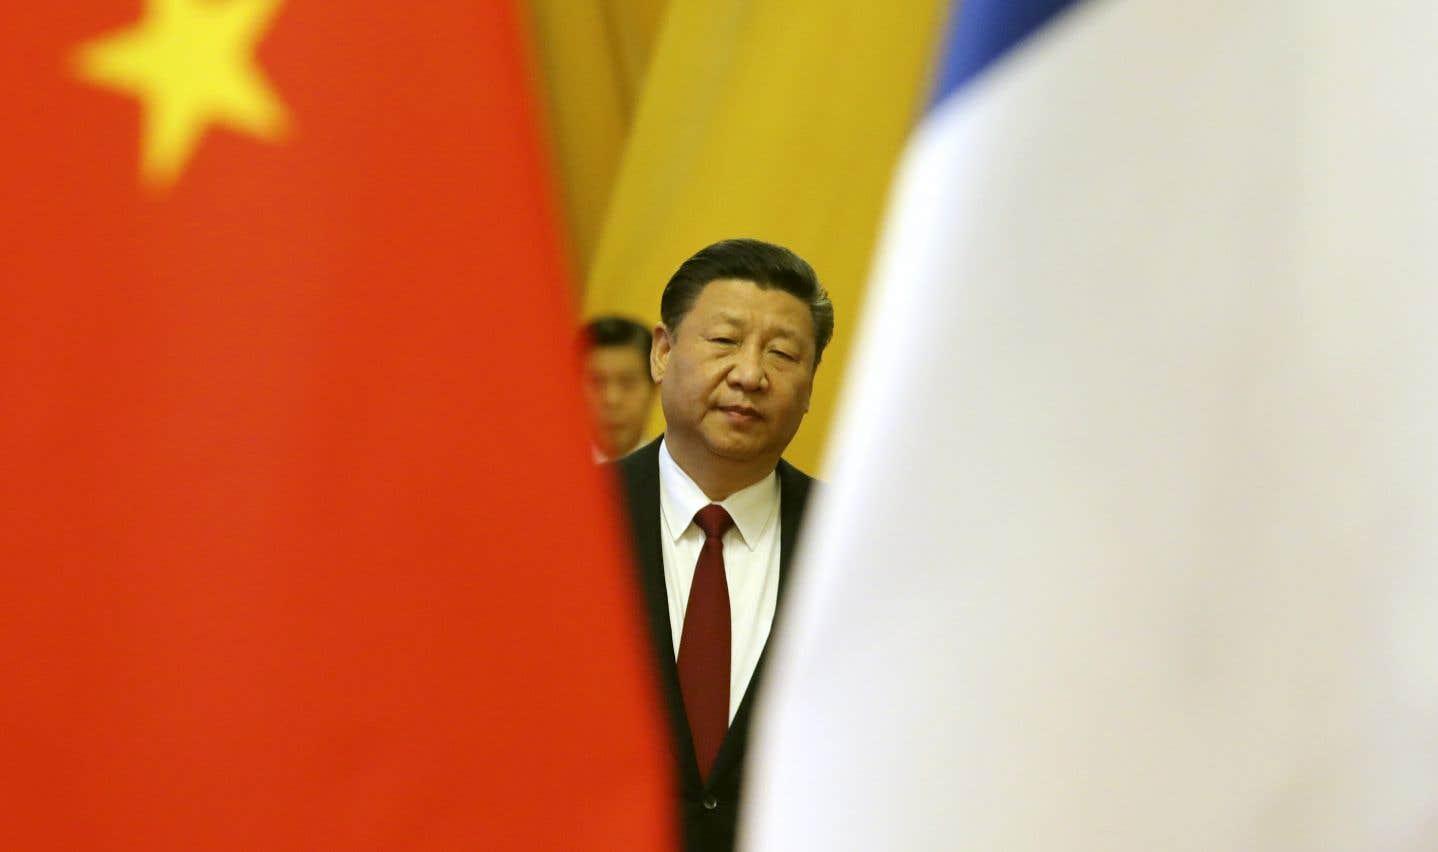 Le président de la République populaire, Xi Jinping, doit normalement quitter ses fonctions en 2023.